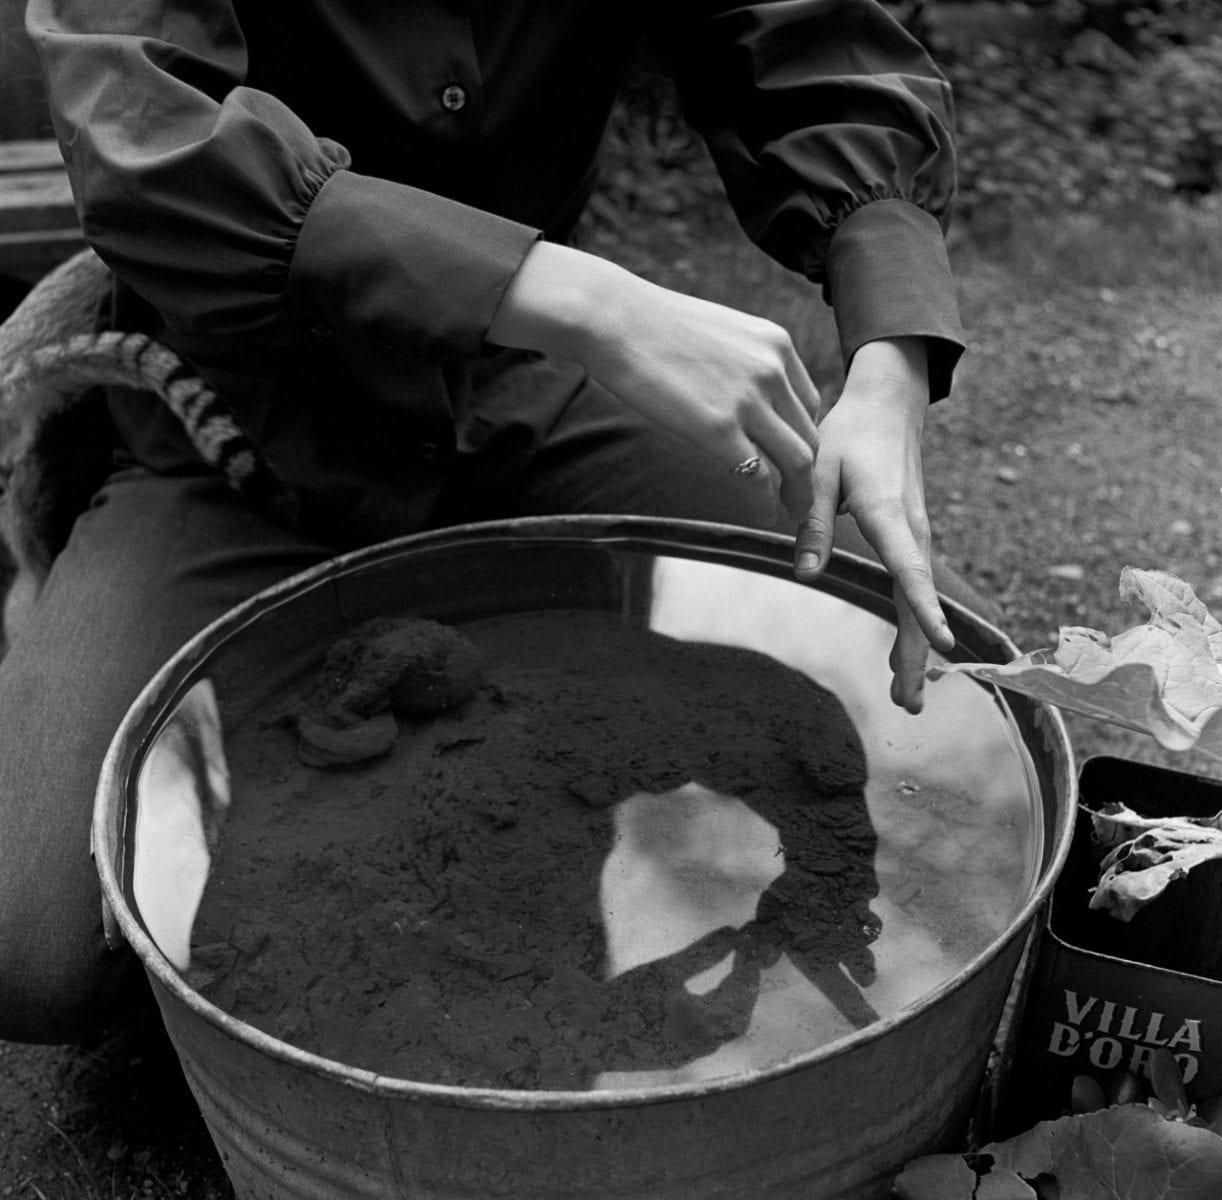 Aikos Hände, 1971 © Imogen Cunningham